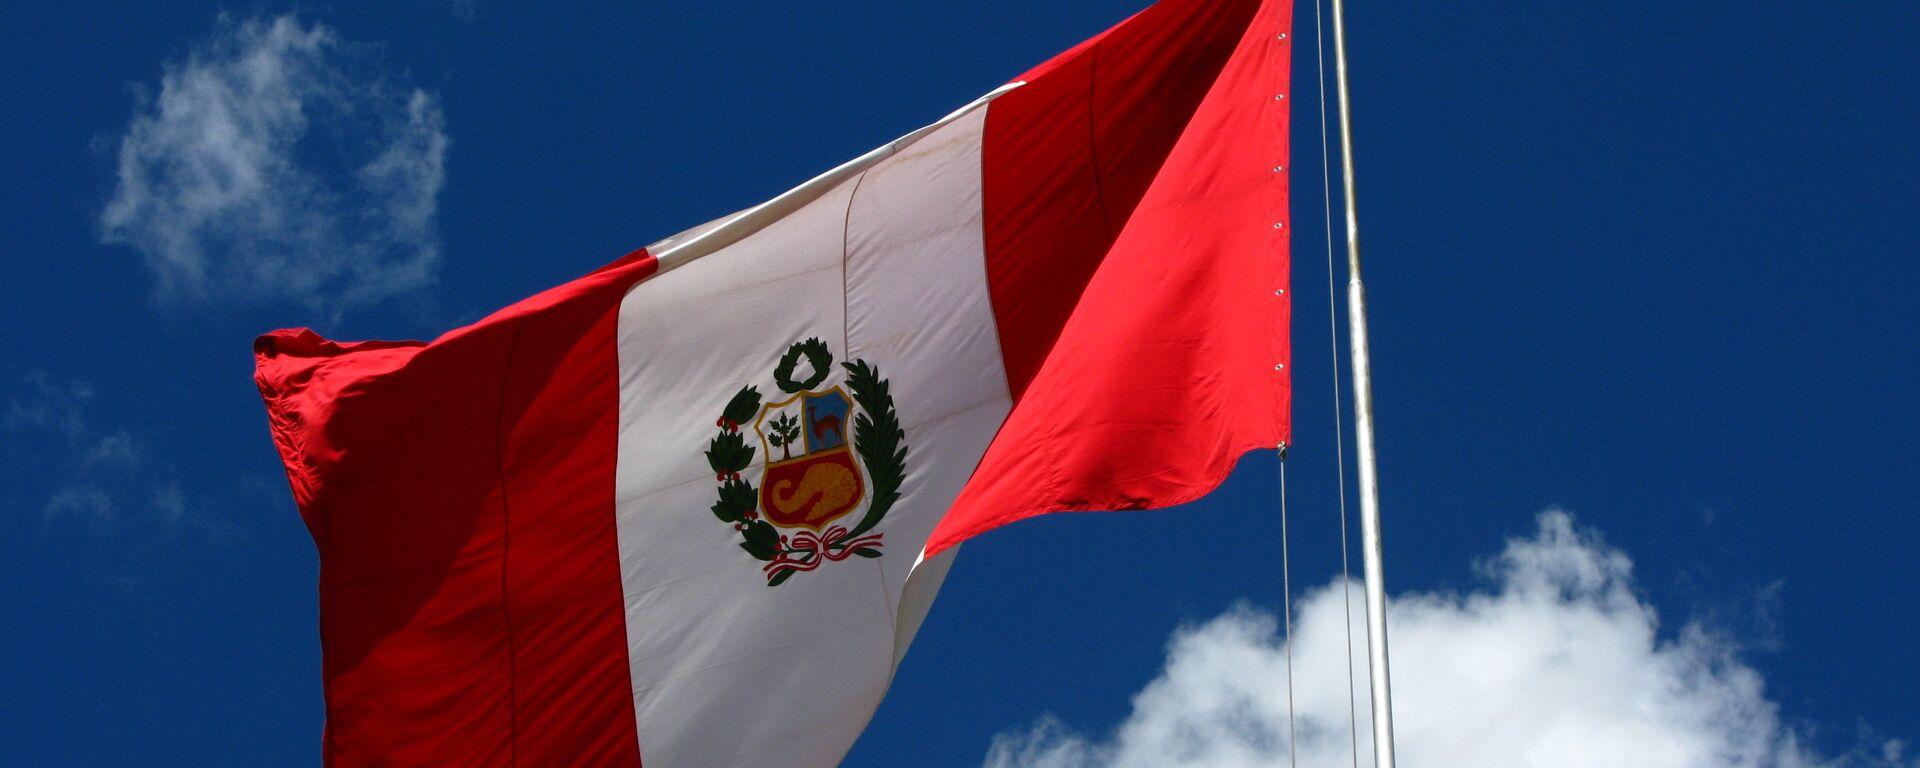 Bandera del Perú - Sputnik Mundo, 1920, 28.07.2021